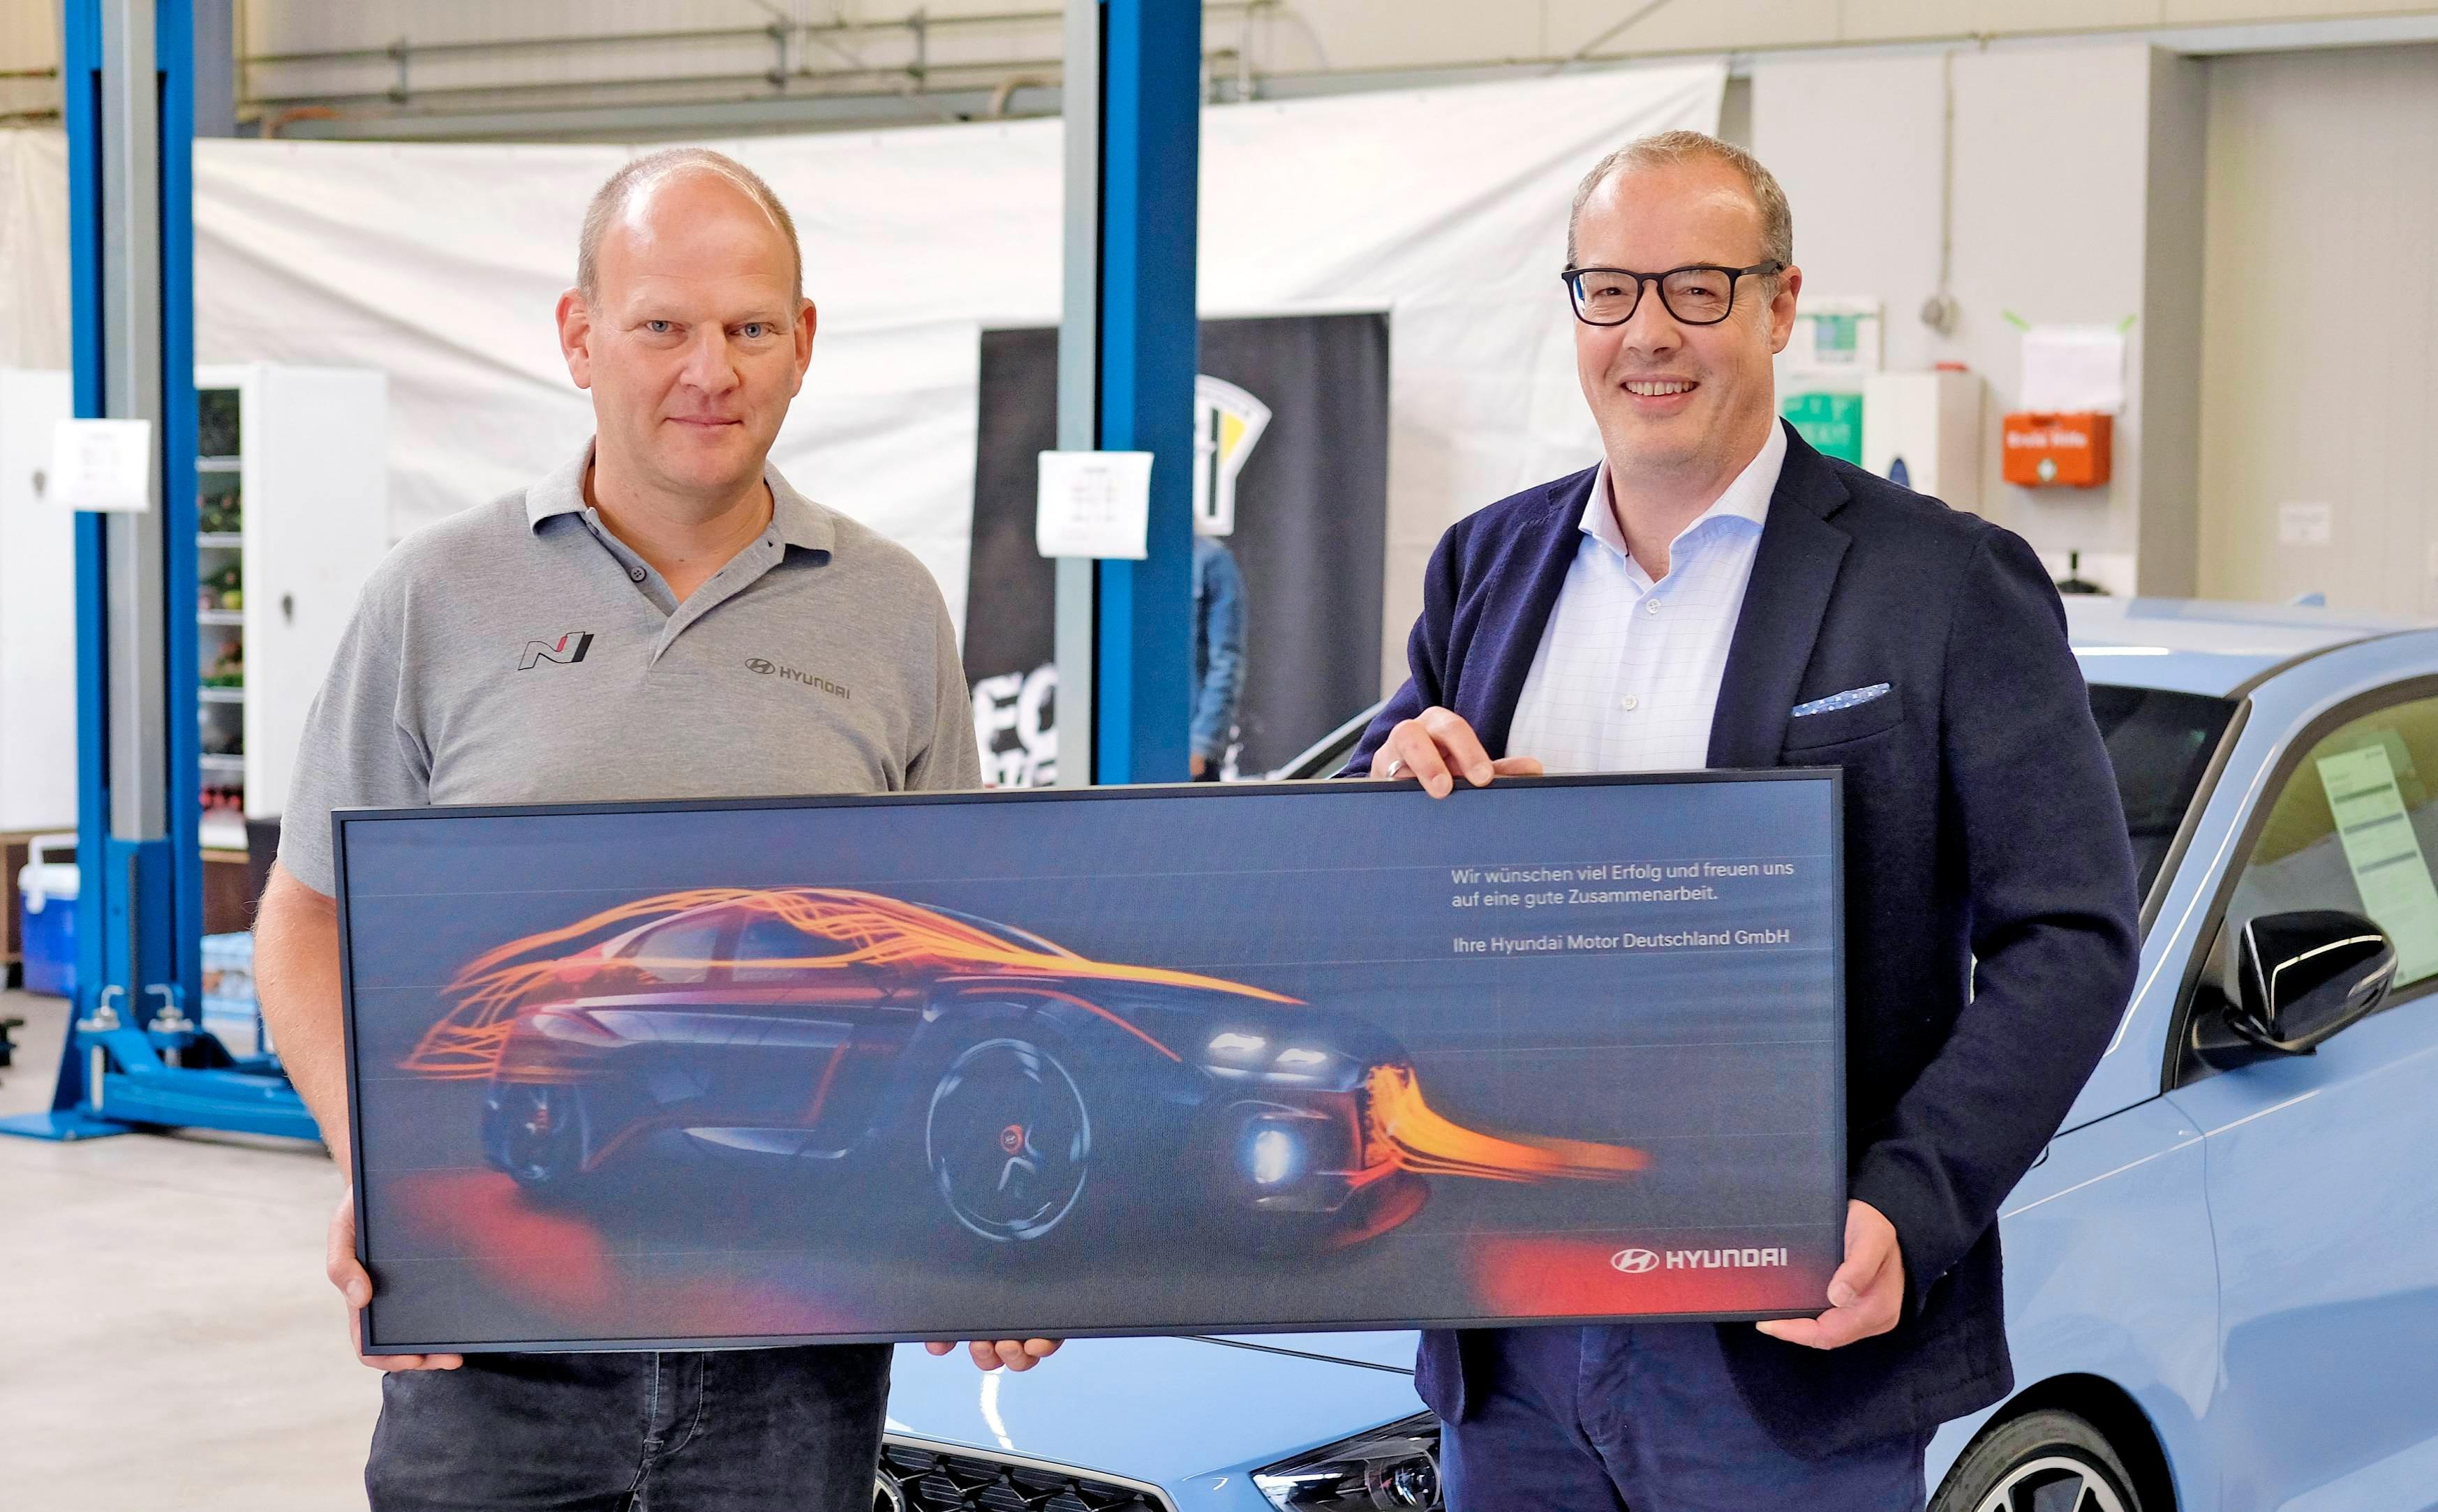 Geschäftsführer Mike Schedler (links) freut sich mit Holger Müller (Vertriebschef von Hyundai Motor Deutschland) auf die künftige Zusammenarbeit.